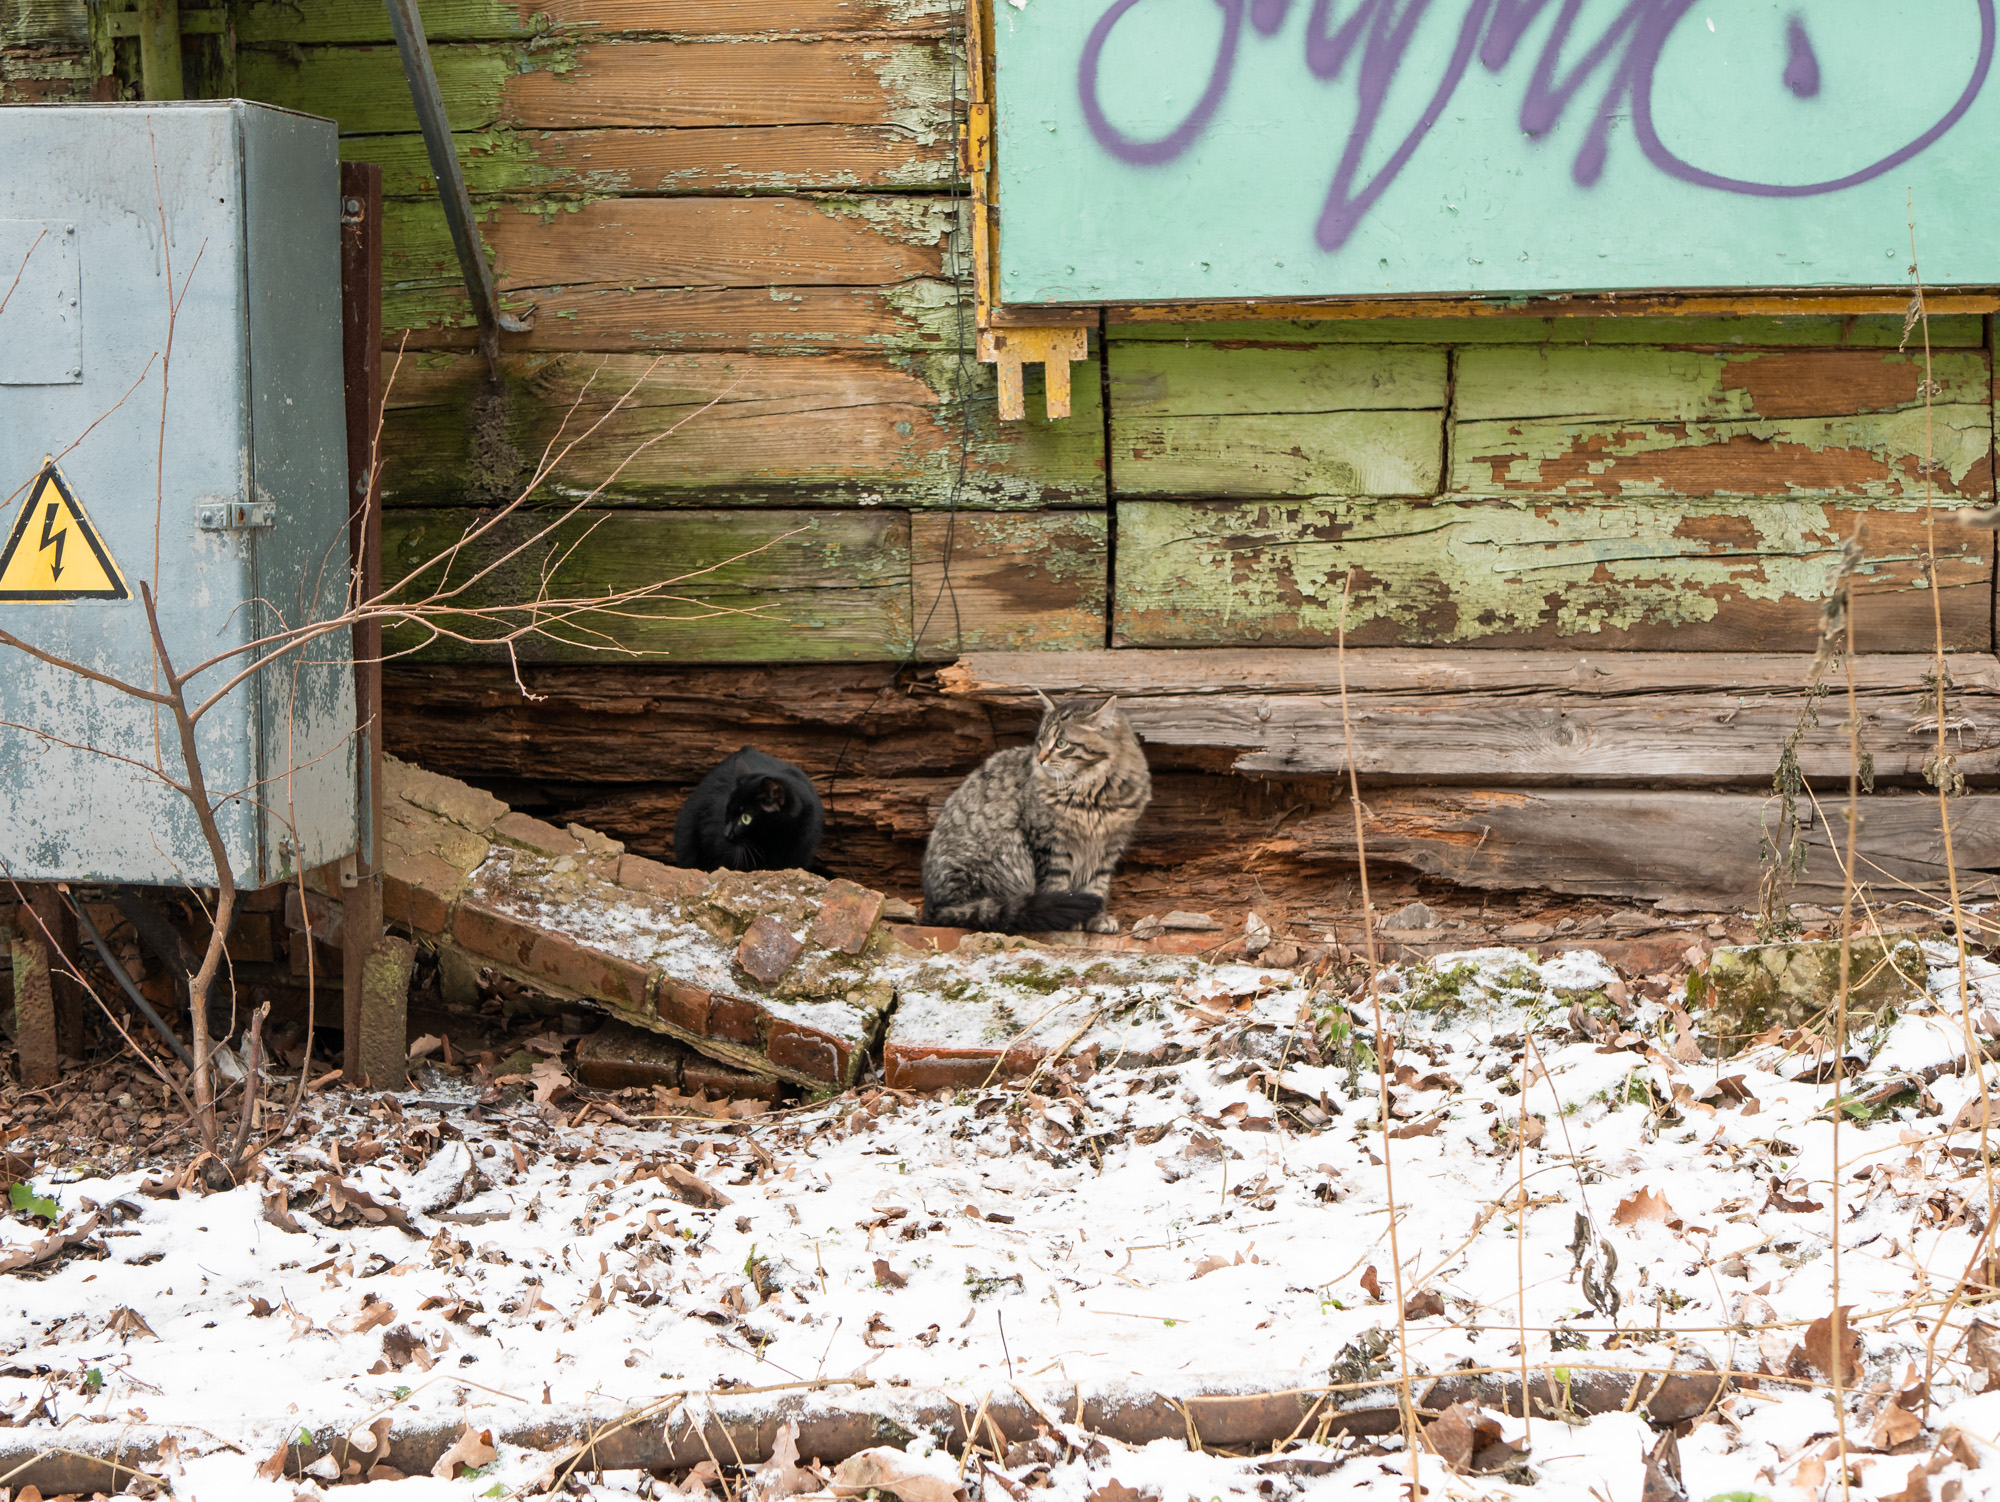 кошки в заброшенном доме